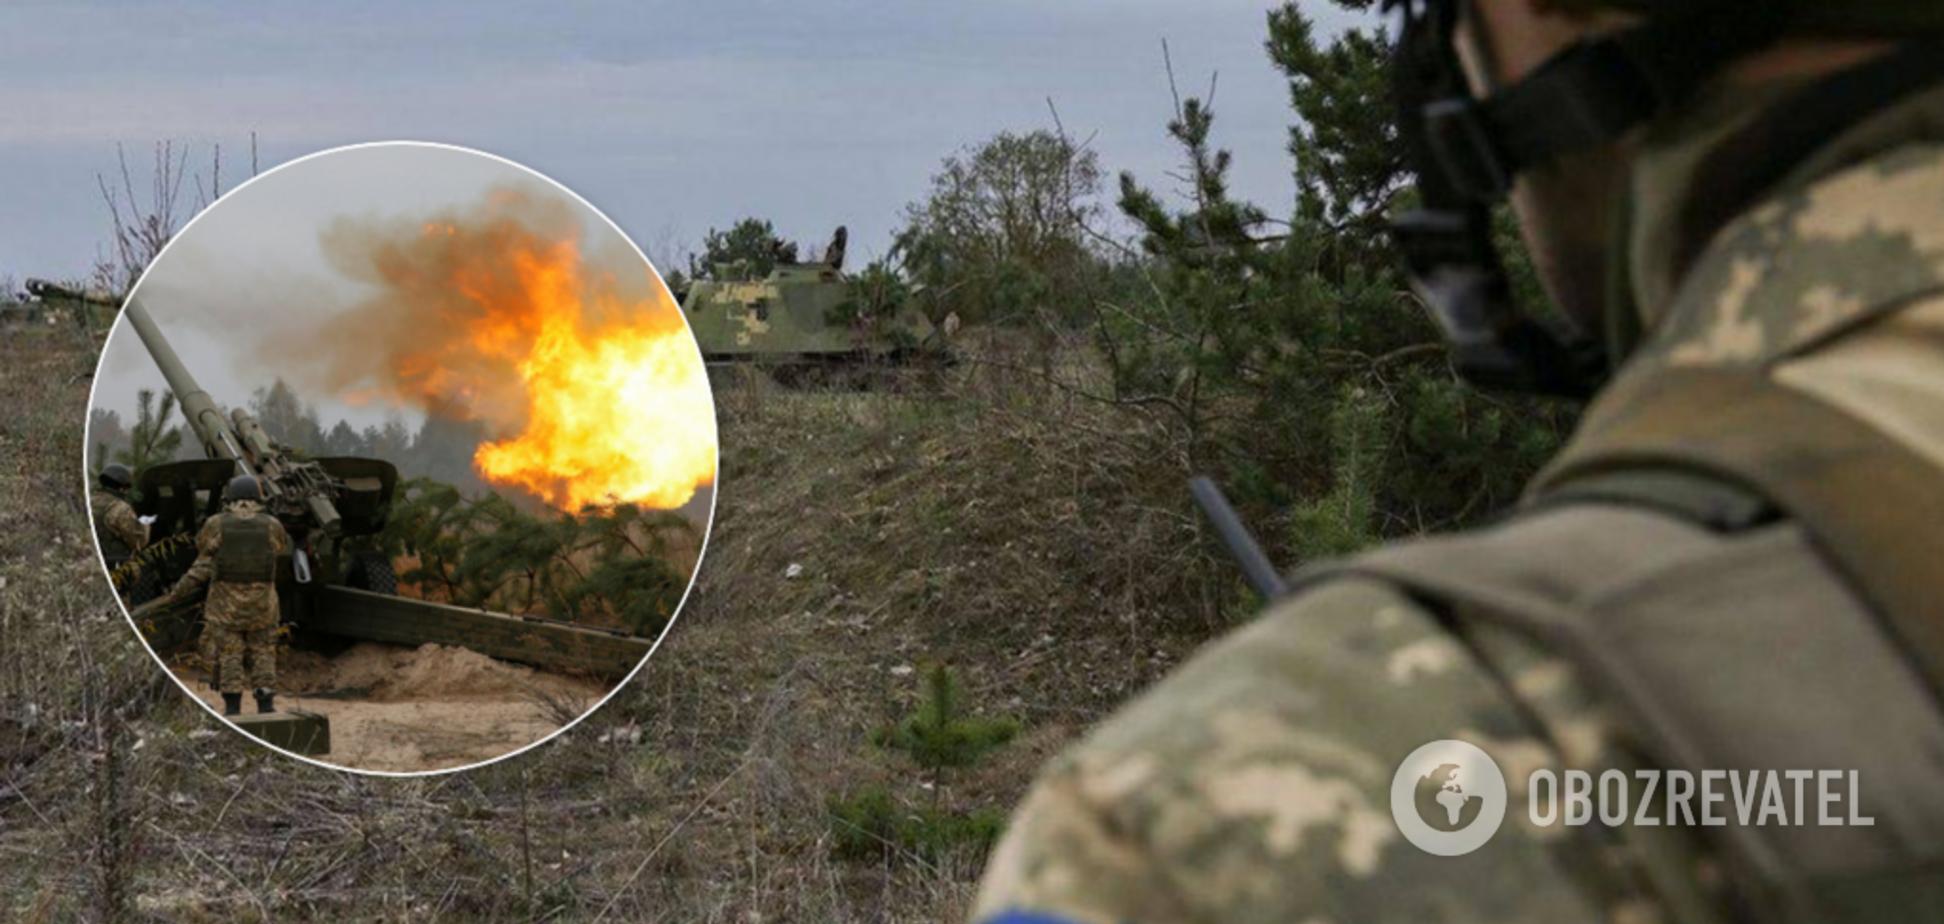 Террористы Путина ударили по ВСУ: 8 бойцов получили ранения